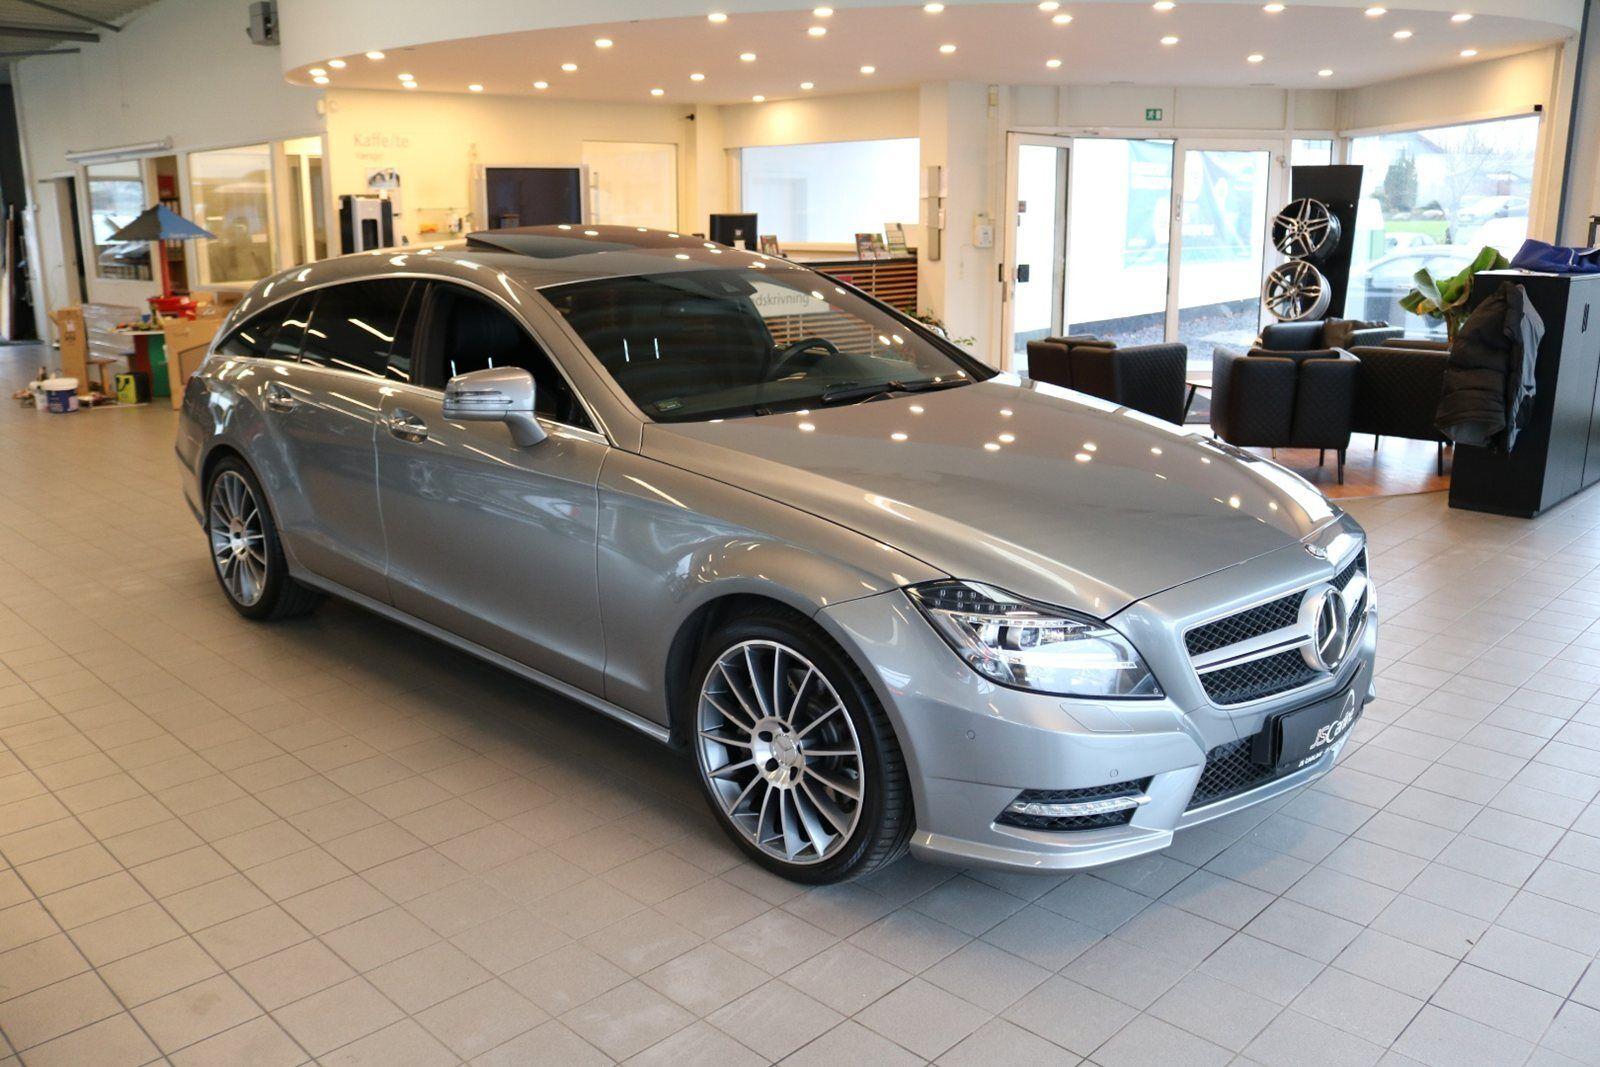 Mercedes CLS350 3,0 CDi AMG Line SB aut. 5d - 499.900 kr.